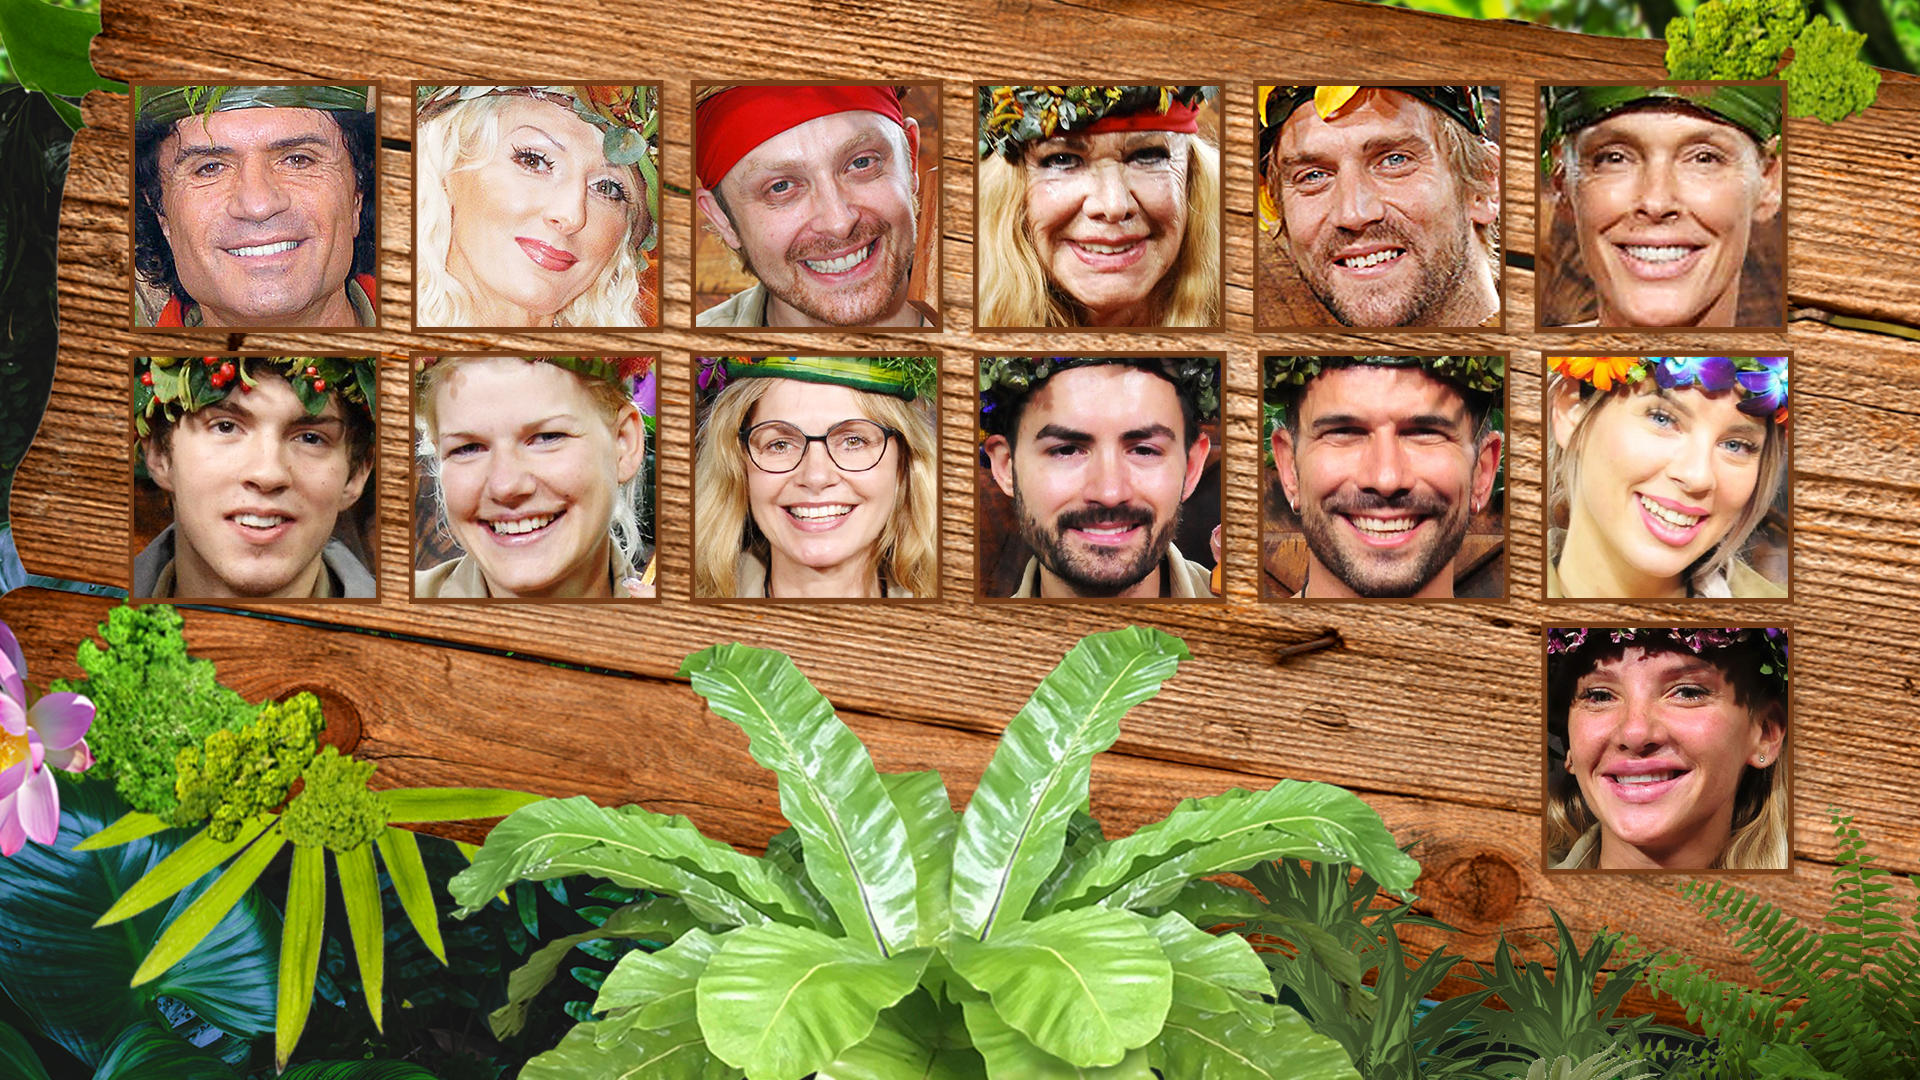 Das Sind Die 13 Dschungelkonige Und Koniginnen